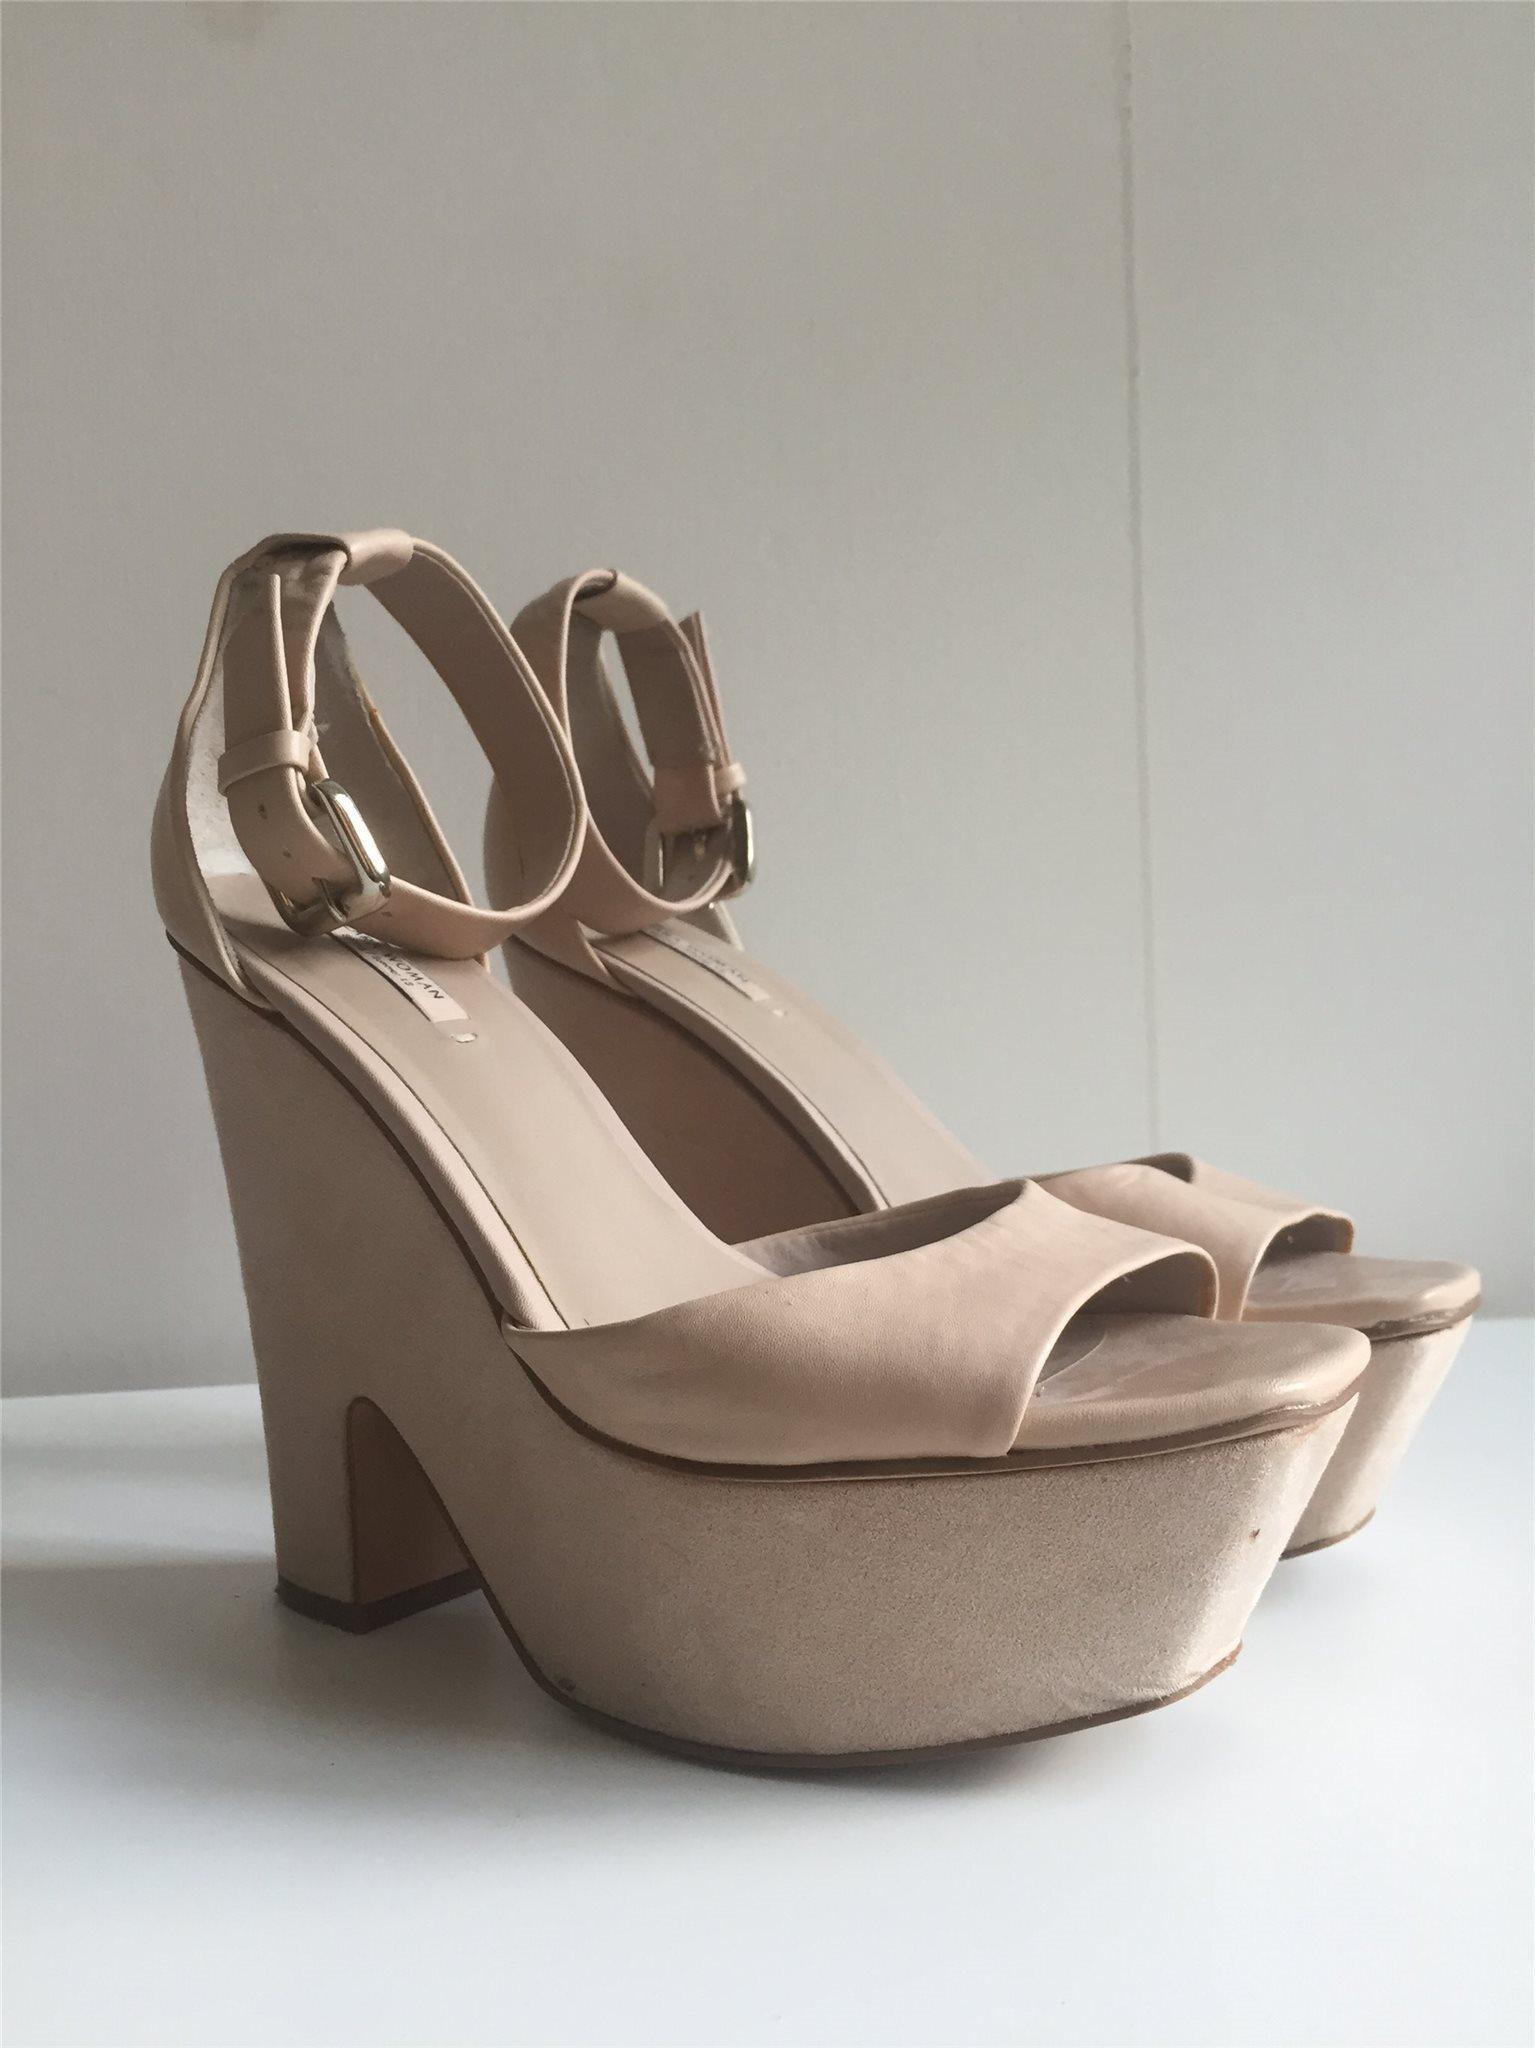 5e25462576f Klackskor, Zara Woman, Rosa, 39 (334868414) ᐈ Köp på Tradera